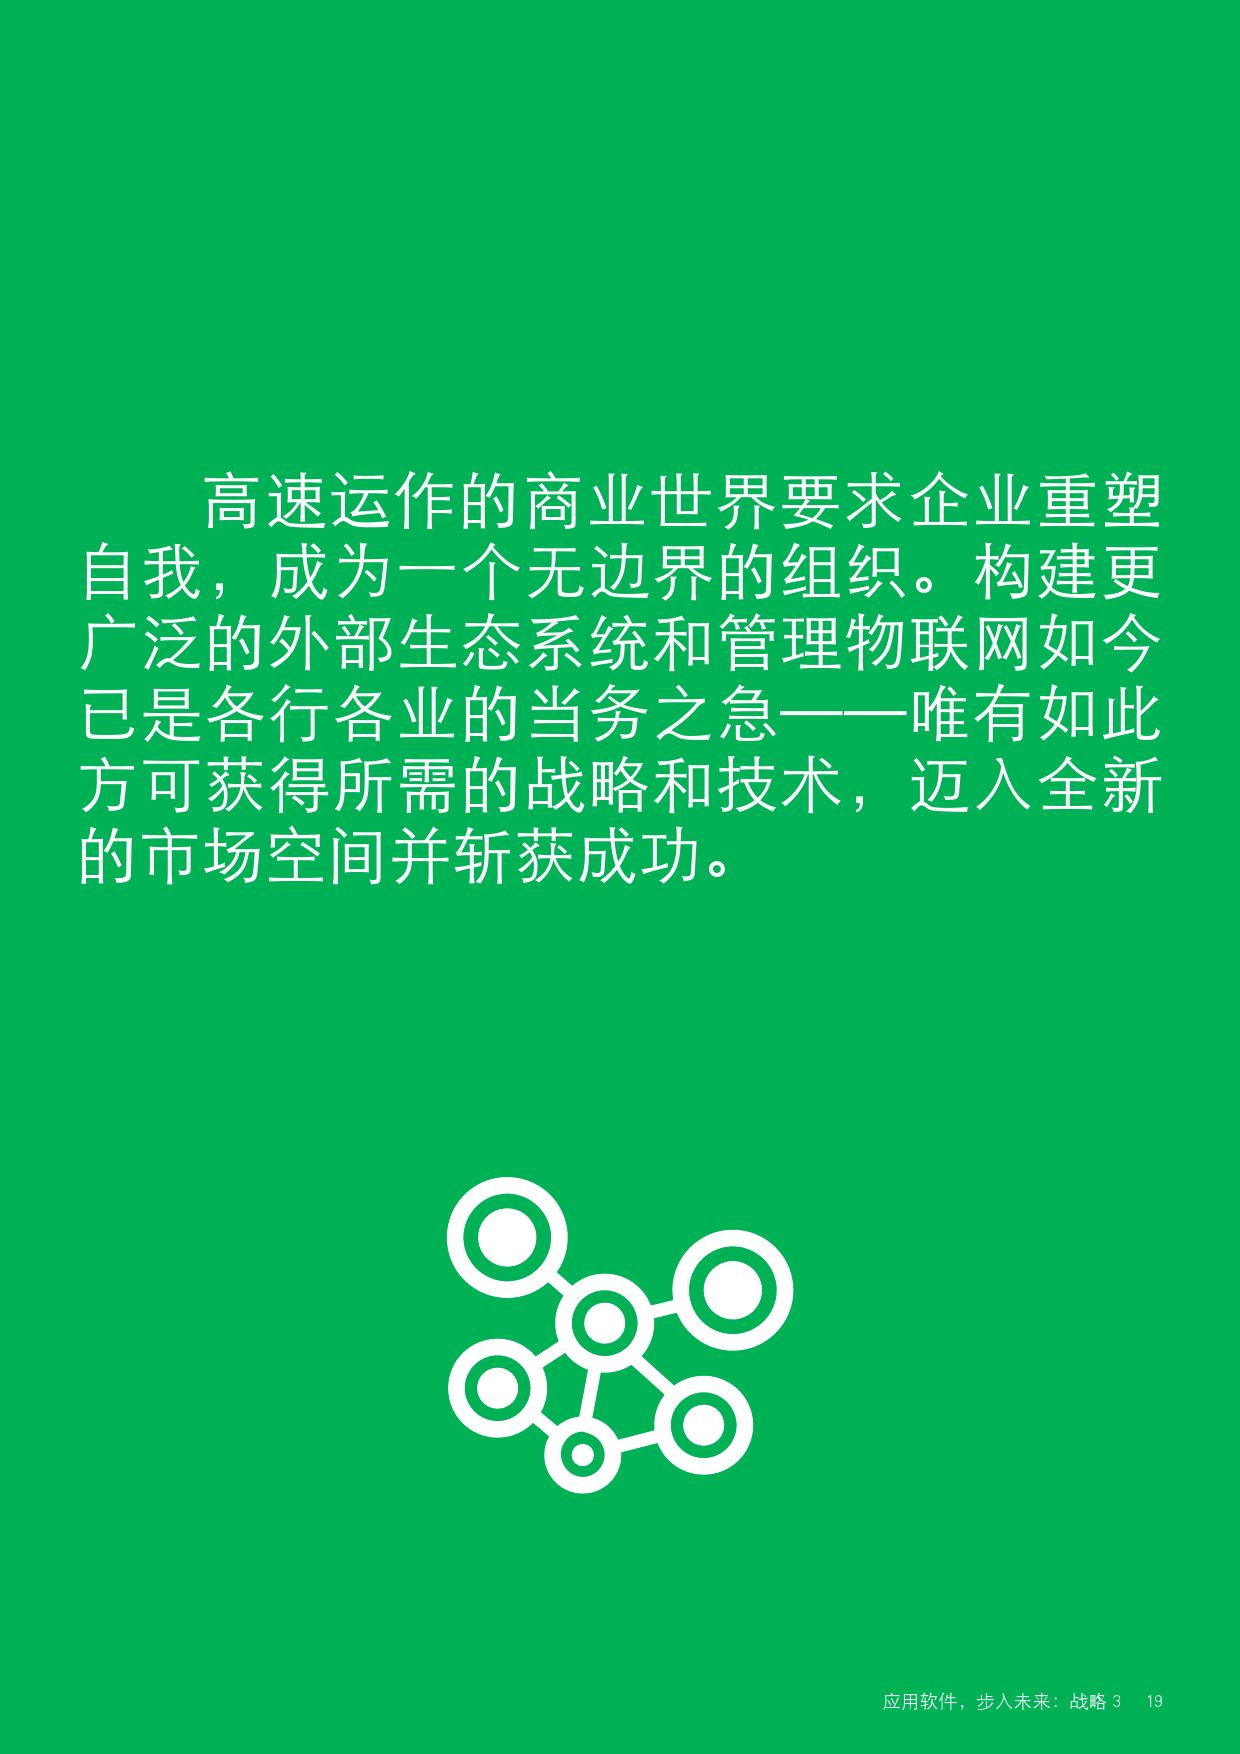 应用软件,步入未来_000019